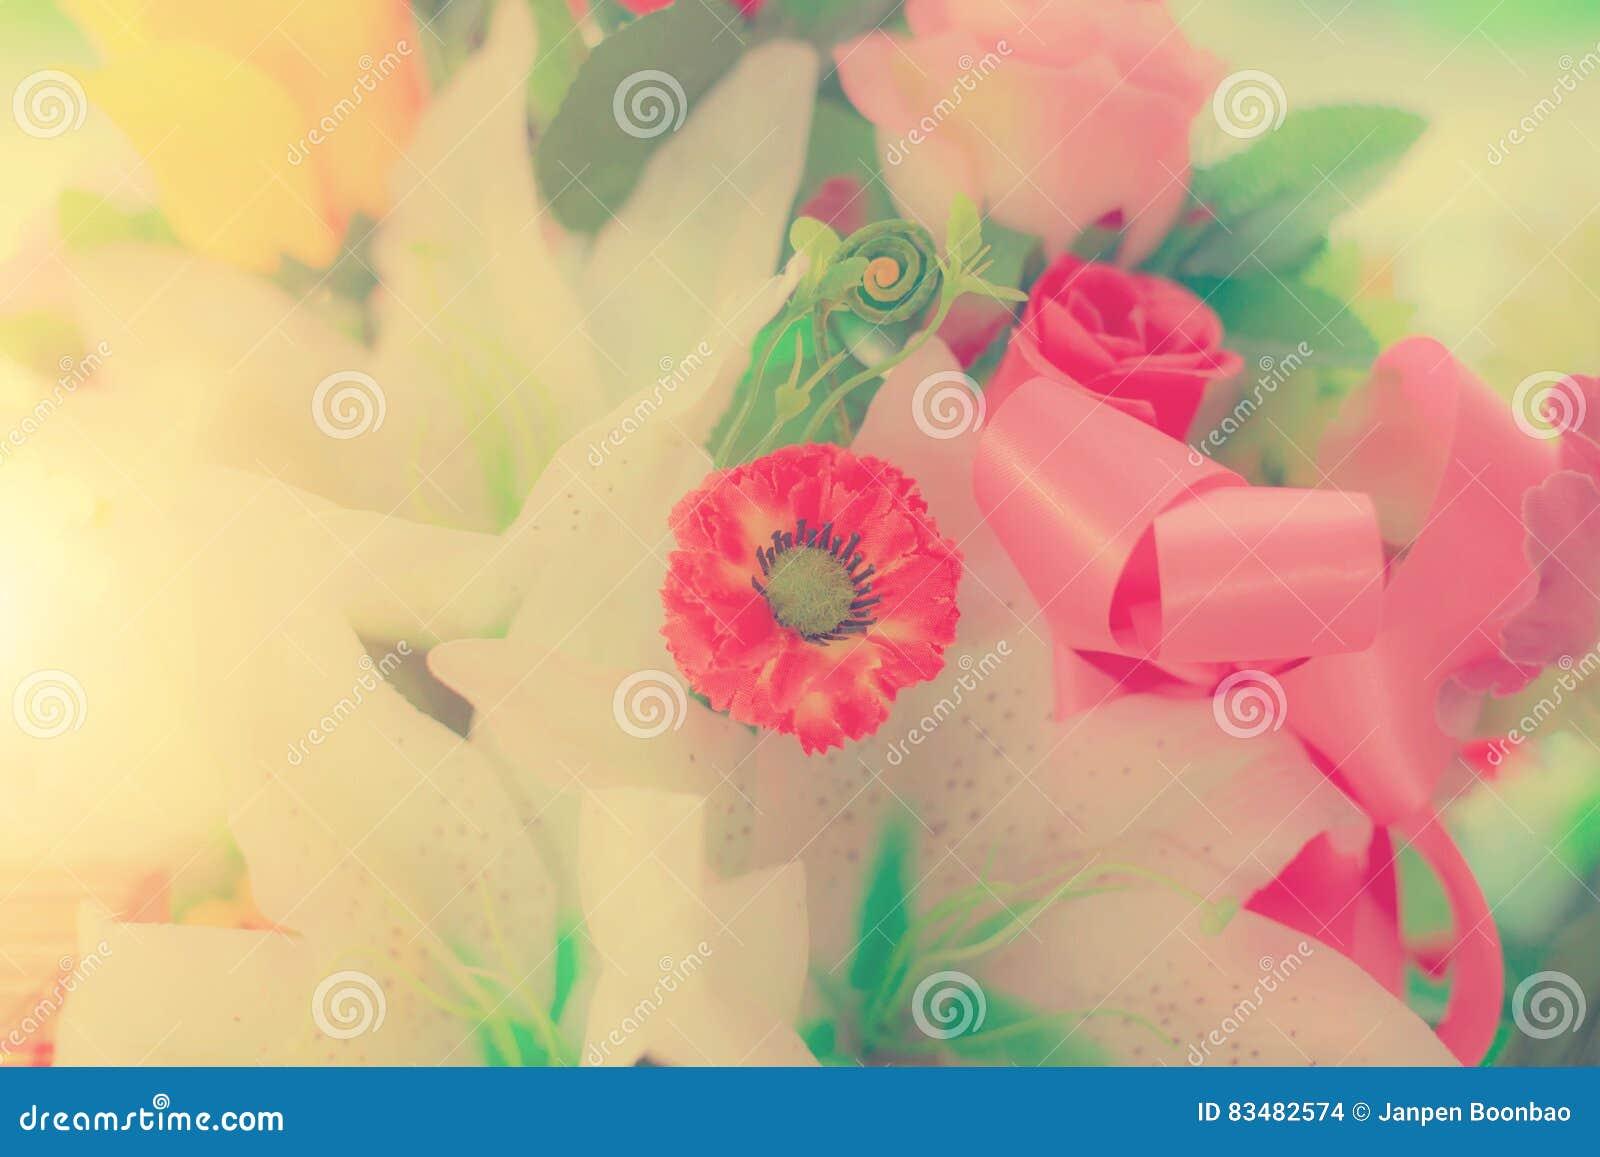 Κρητιδογραφία ανθοδεσμών εορτασμού τριαντάφυλλων άνοιξη ρυθμίσεων λουλουδιών